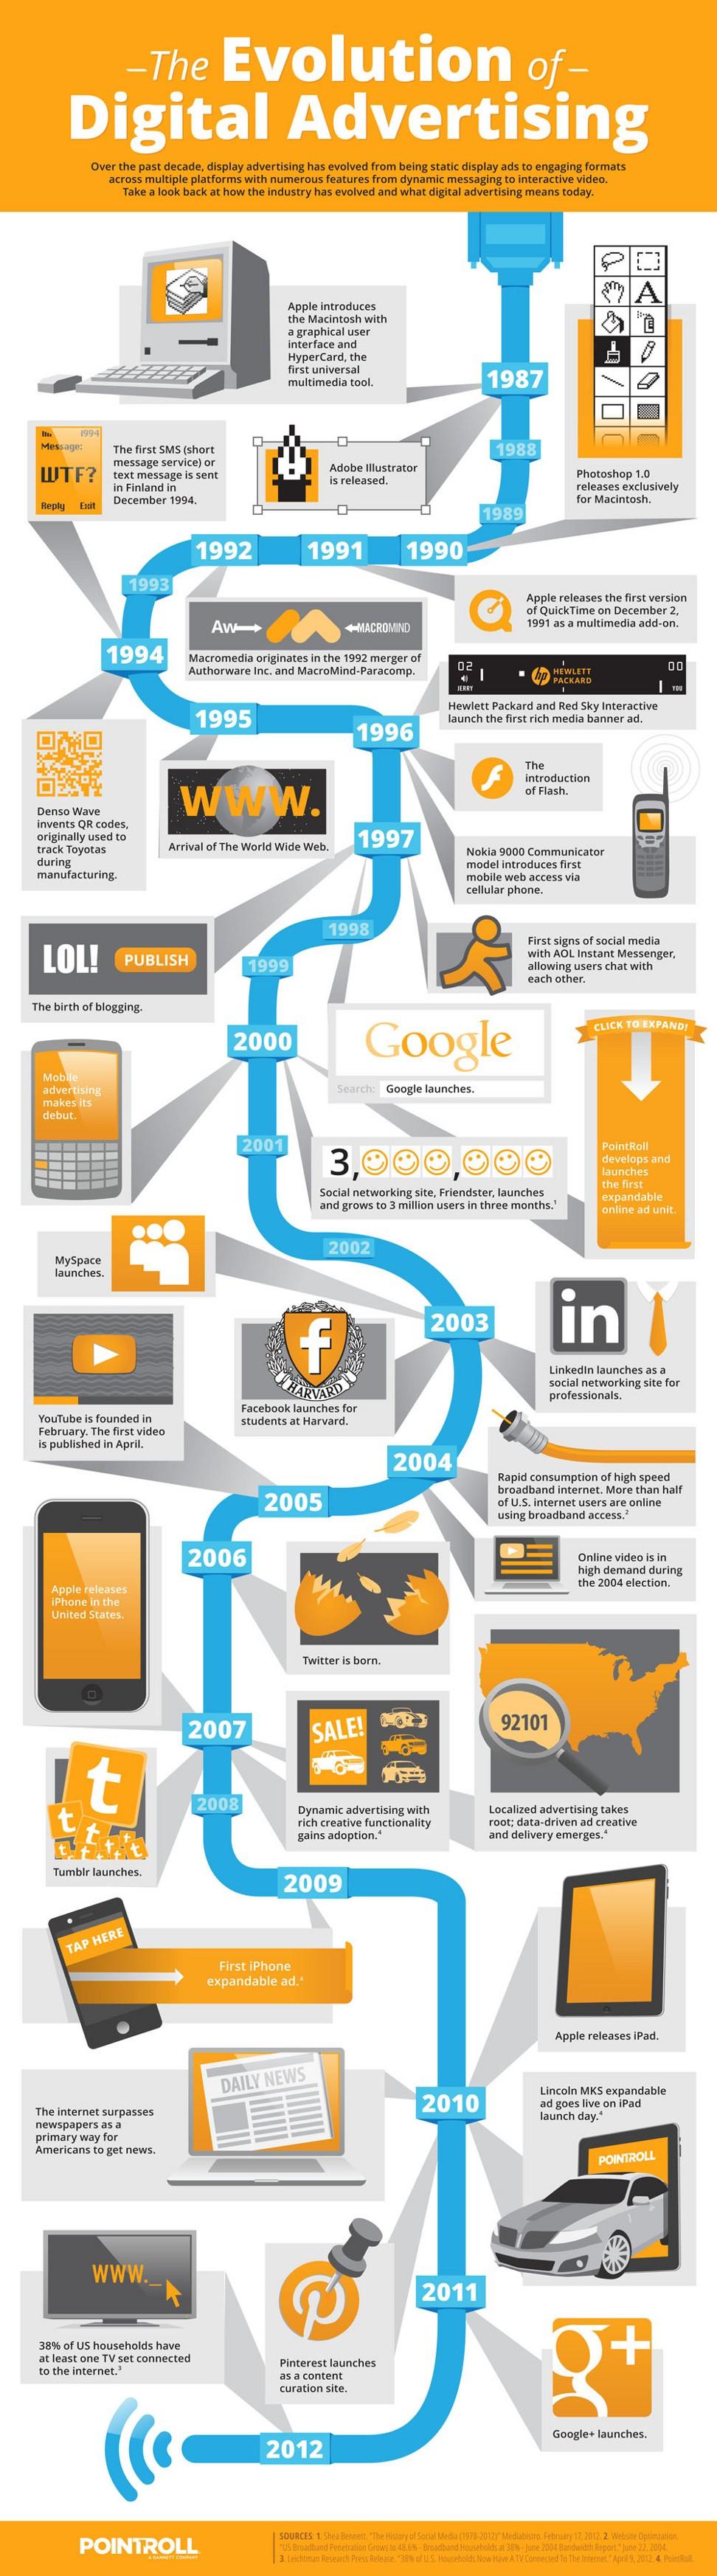 Evolution of Digital Advertising